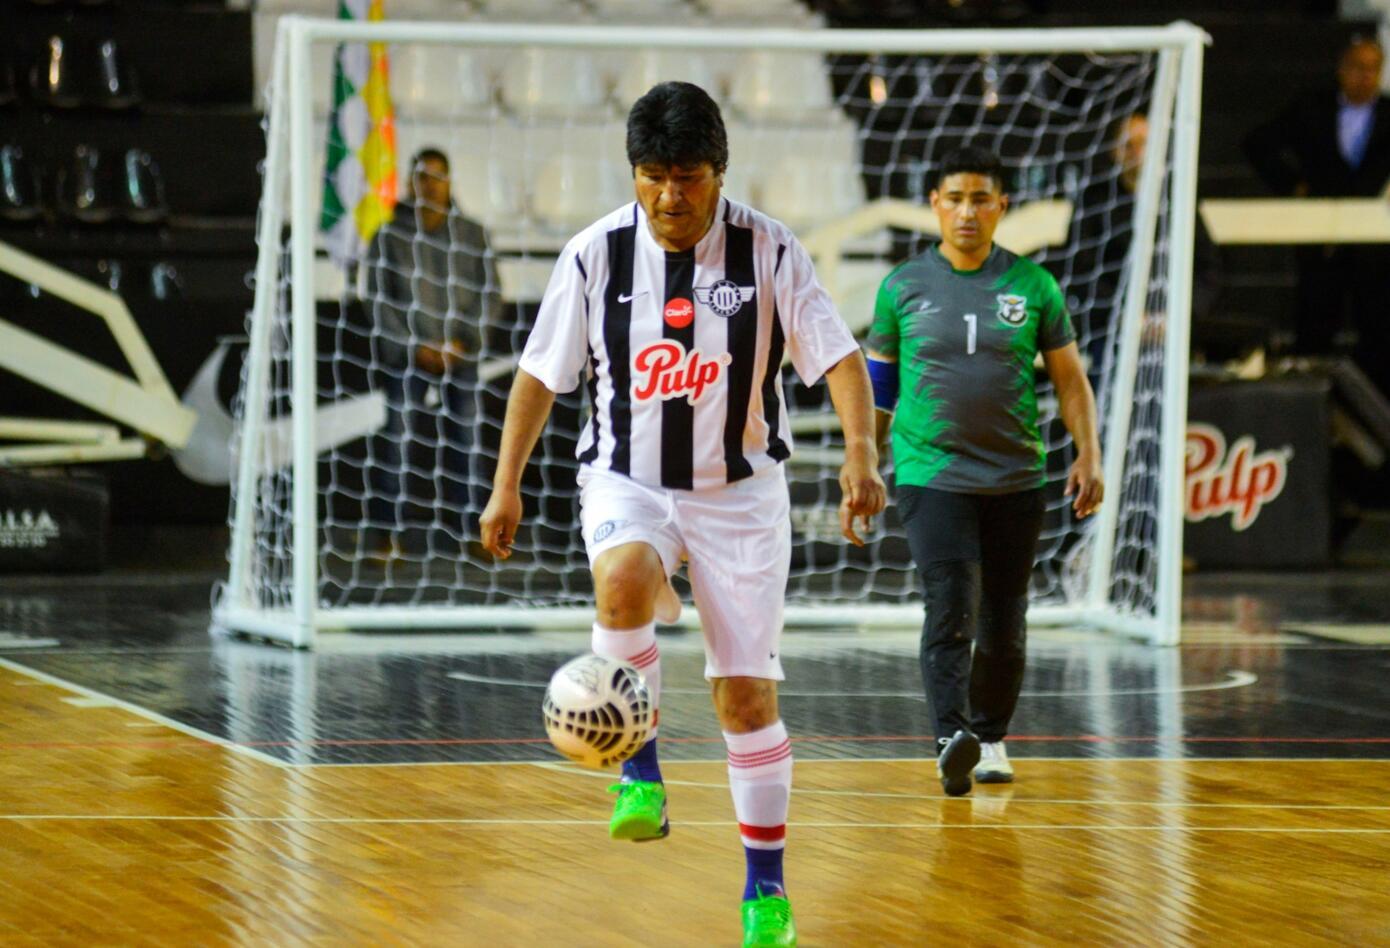 Evo Morales de manera permanente se muestra como jugador de fútbol, una de las mayores aficiones del pueblo boliviano.